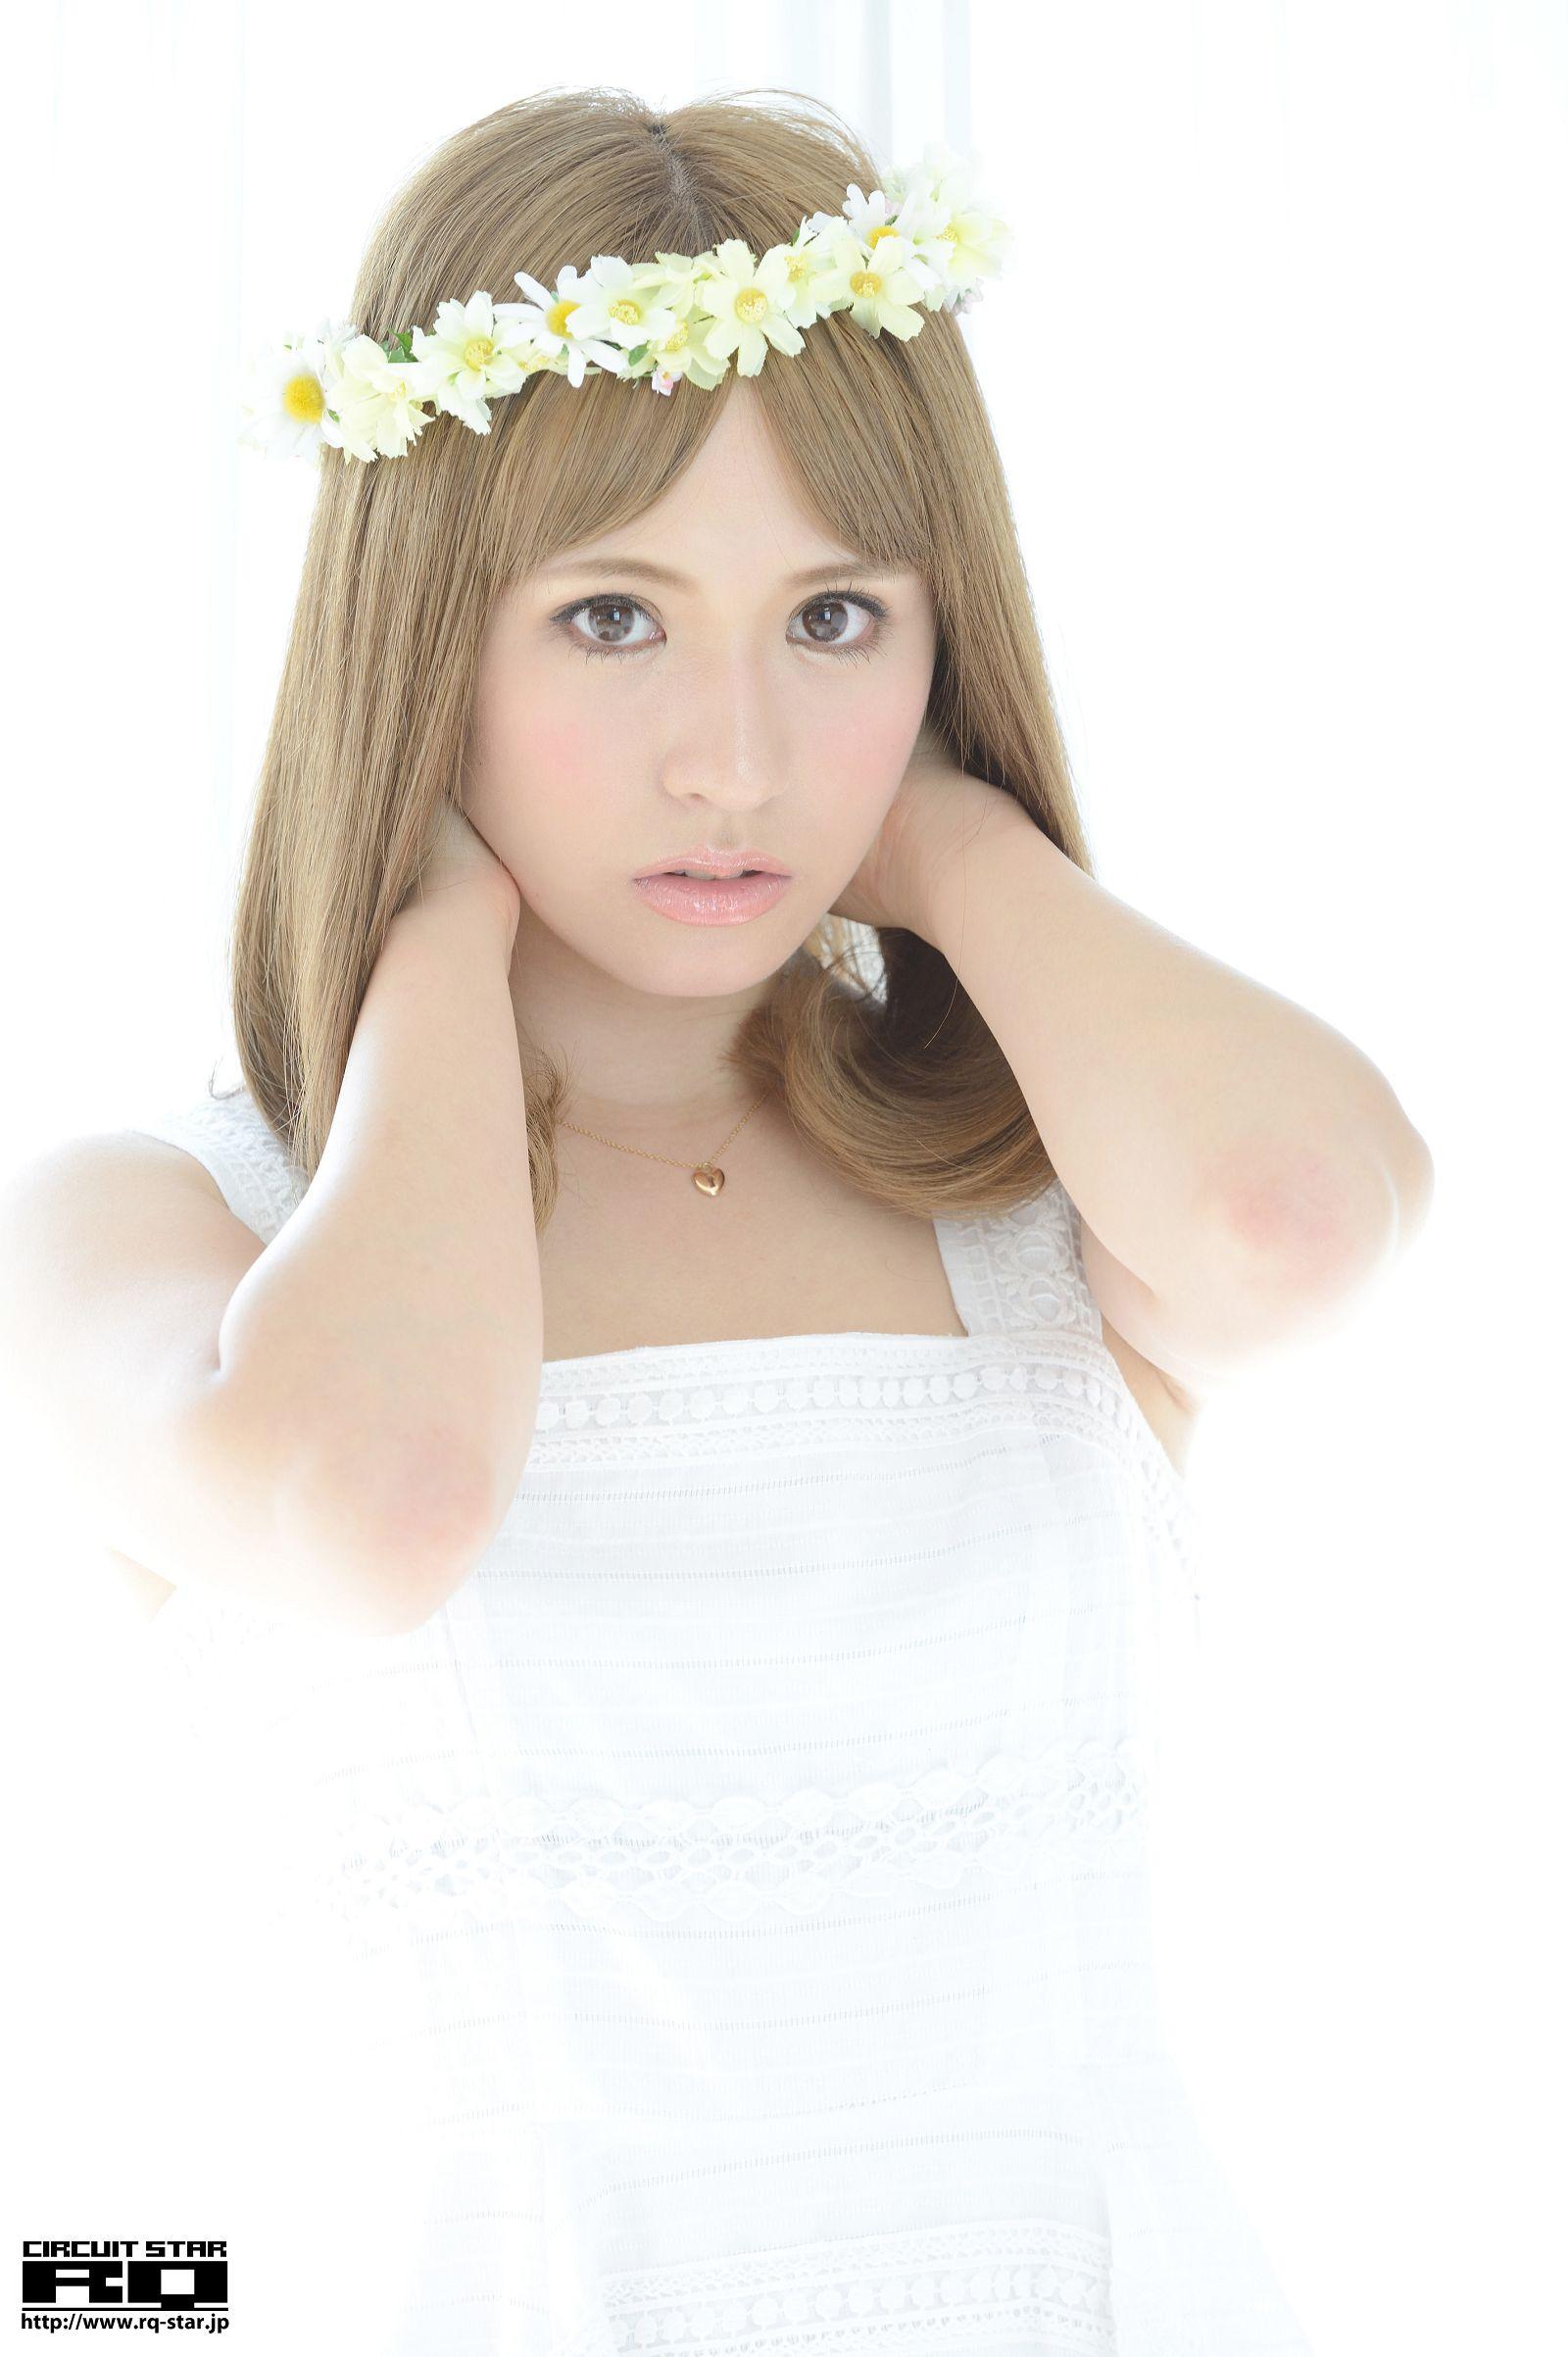 [RQ STAR美女] NO.00934 Nozomi Misaki 心咲のぞみ Room Wear[58P] RQ STAR 第3张